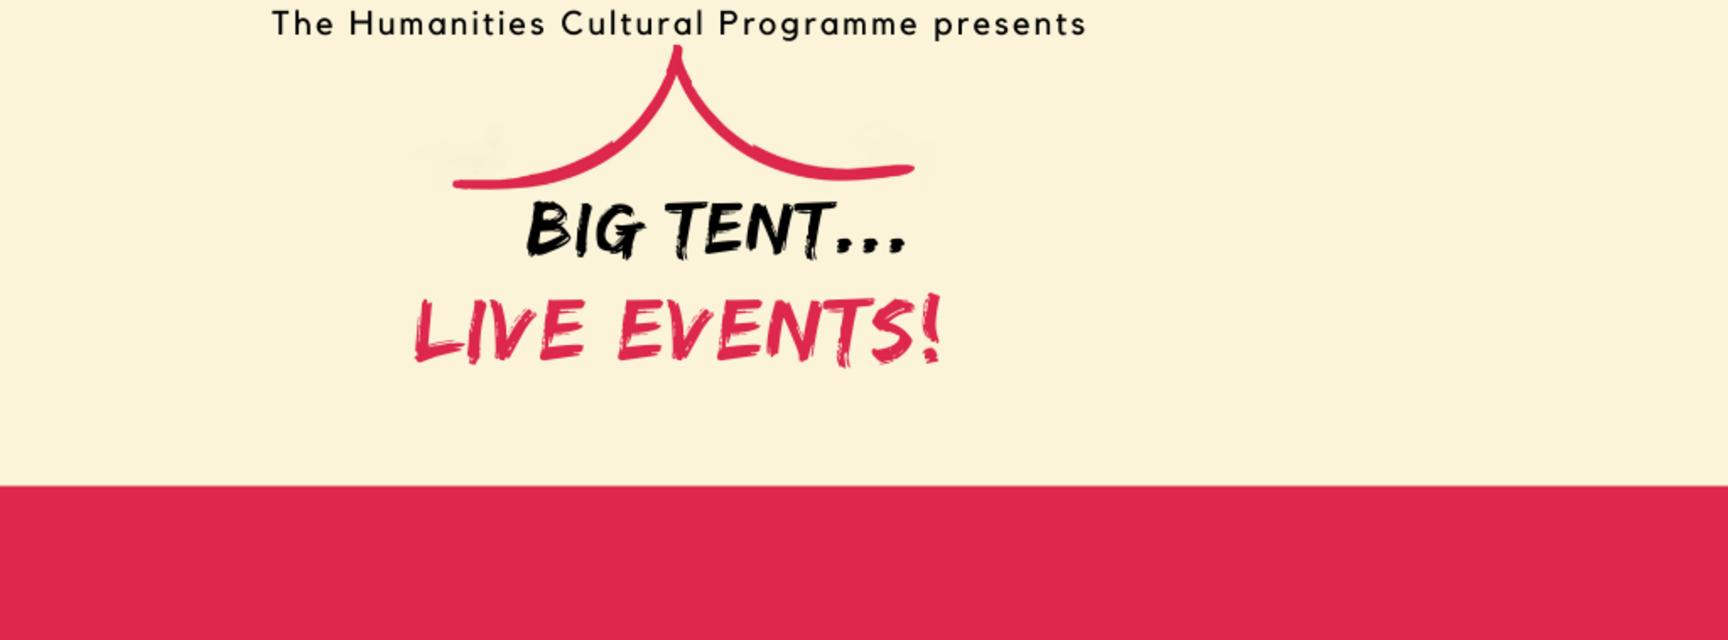 big tent live events logo